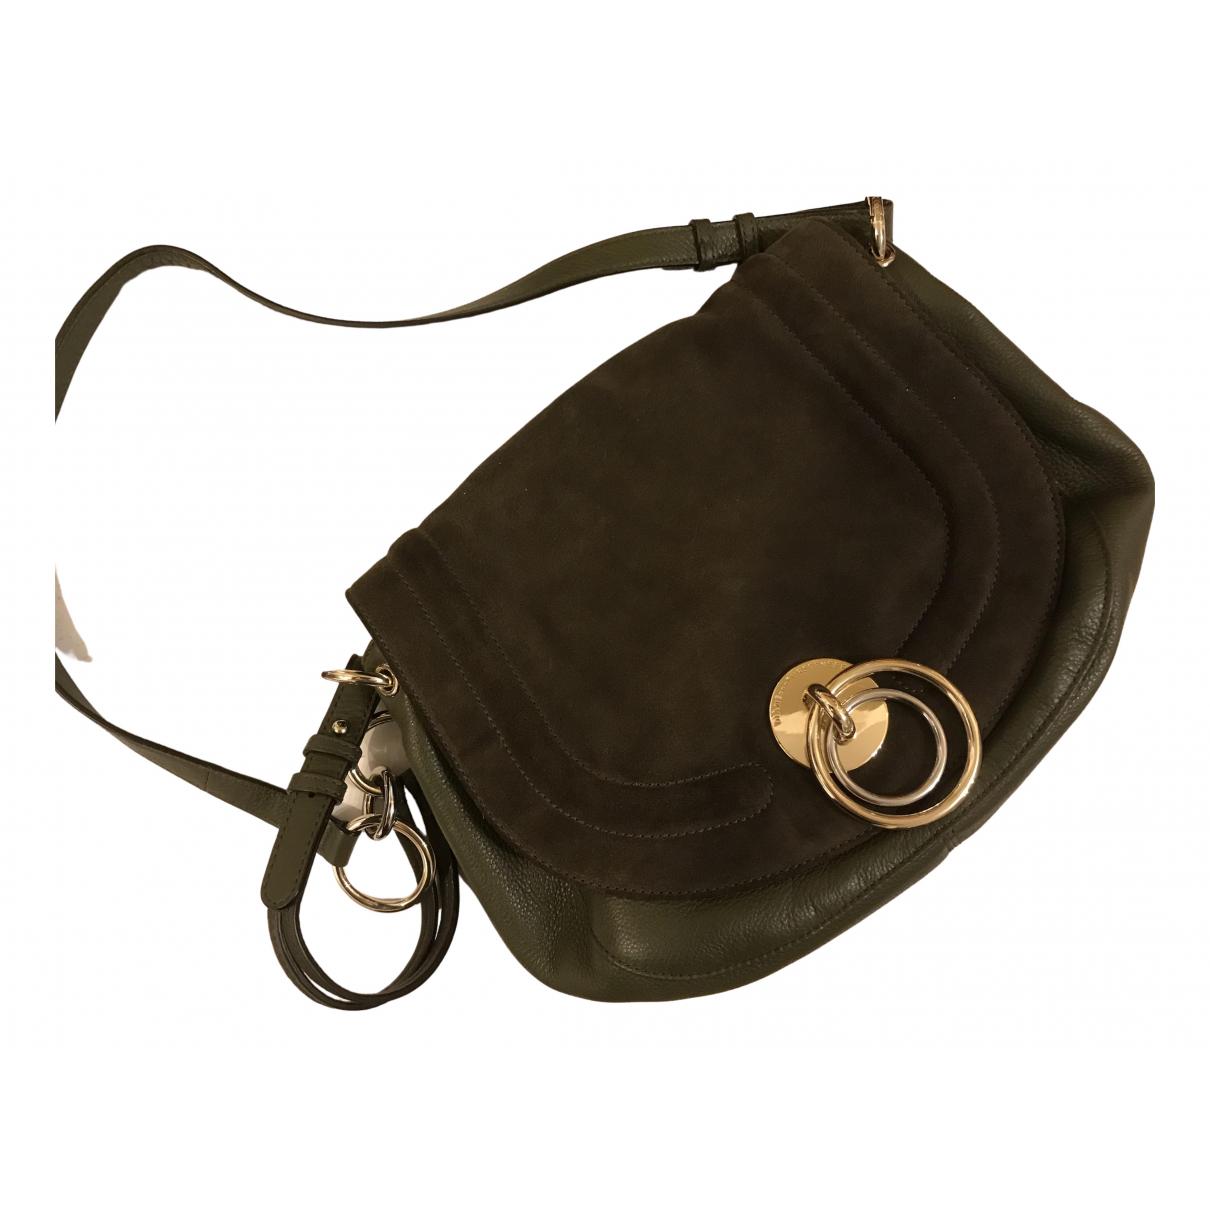 Diane Von Furstenberg N Green Leather handbag for Women N